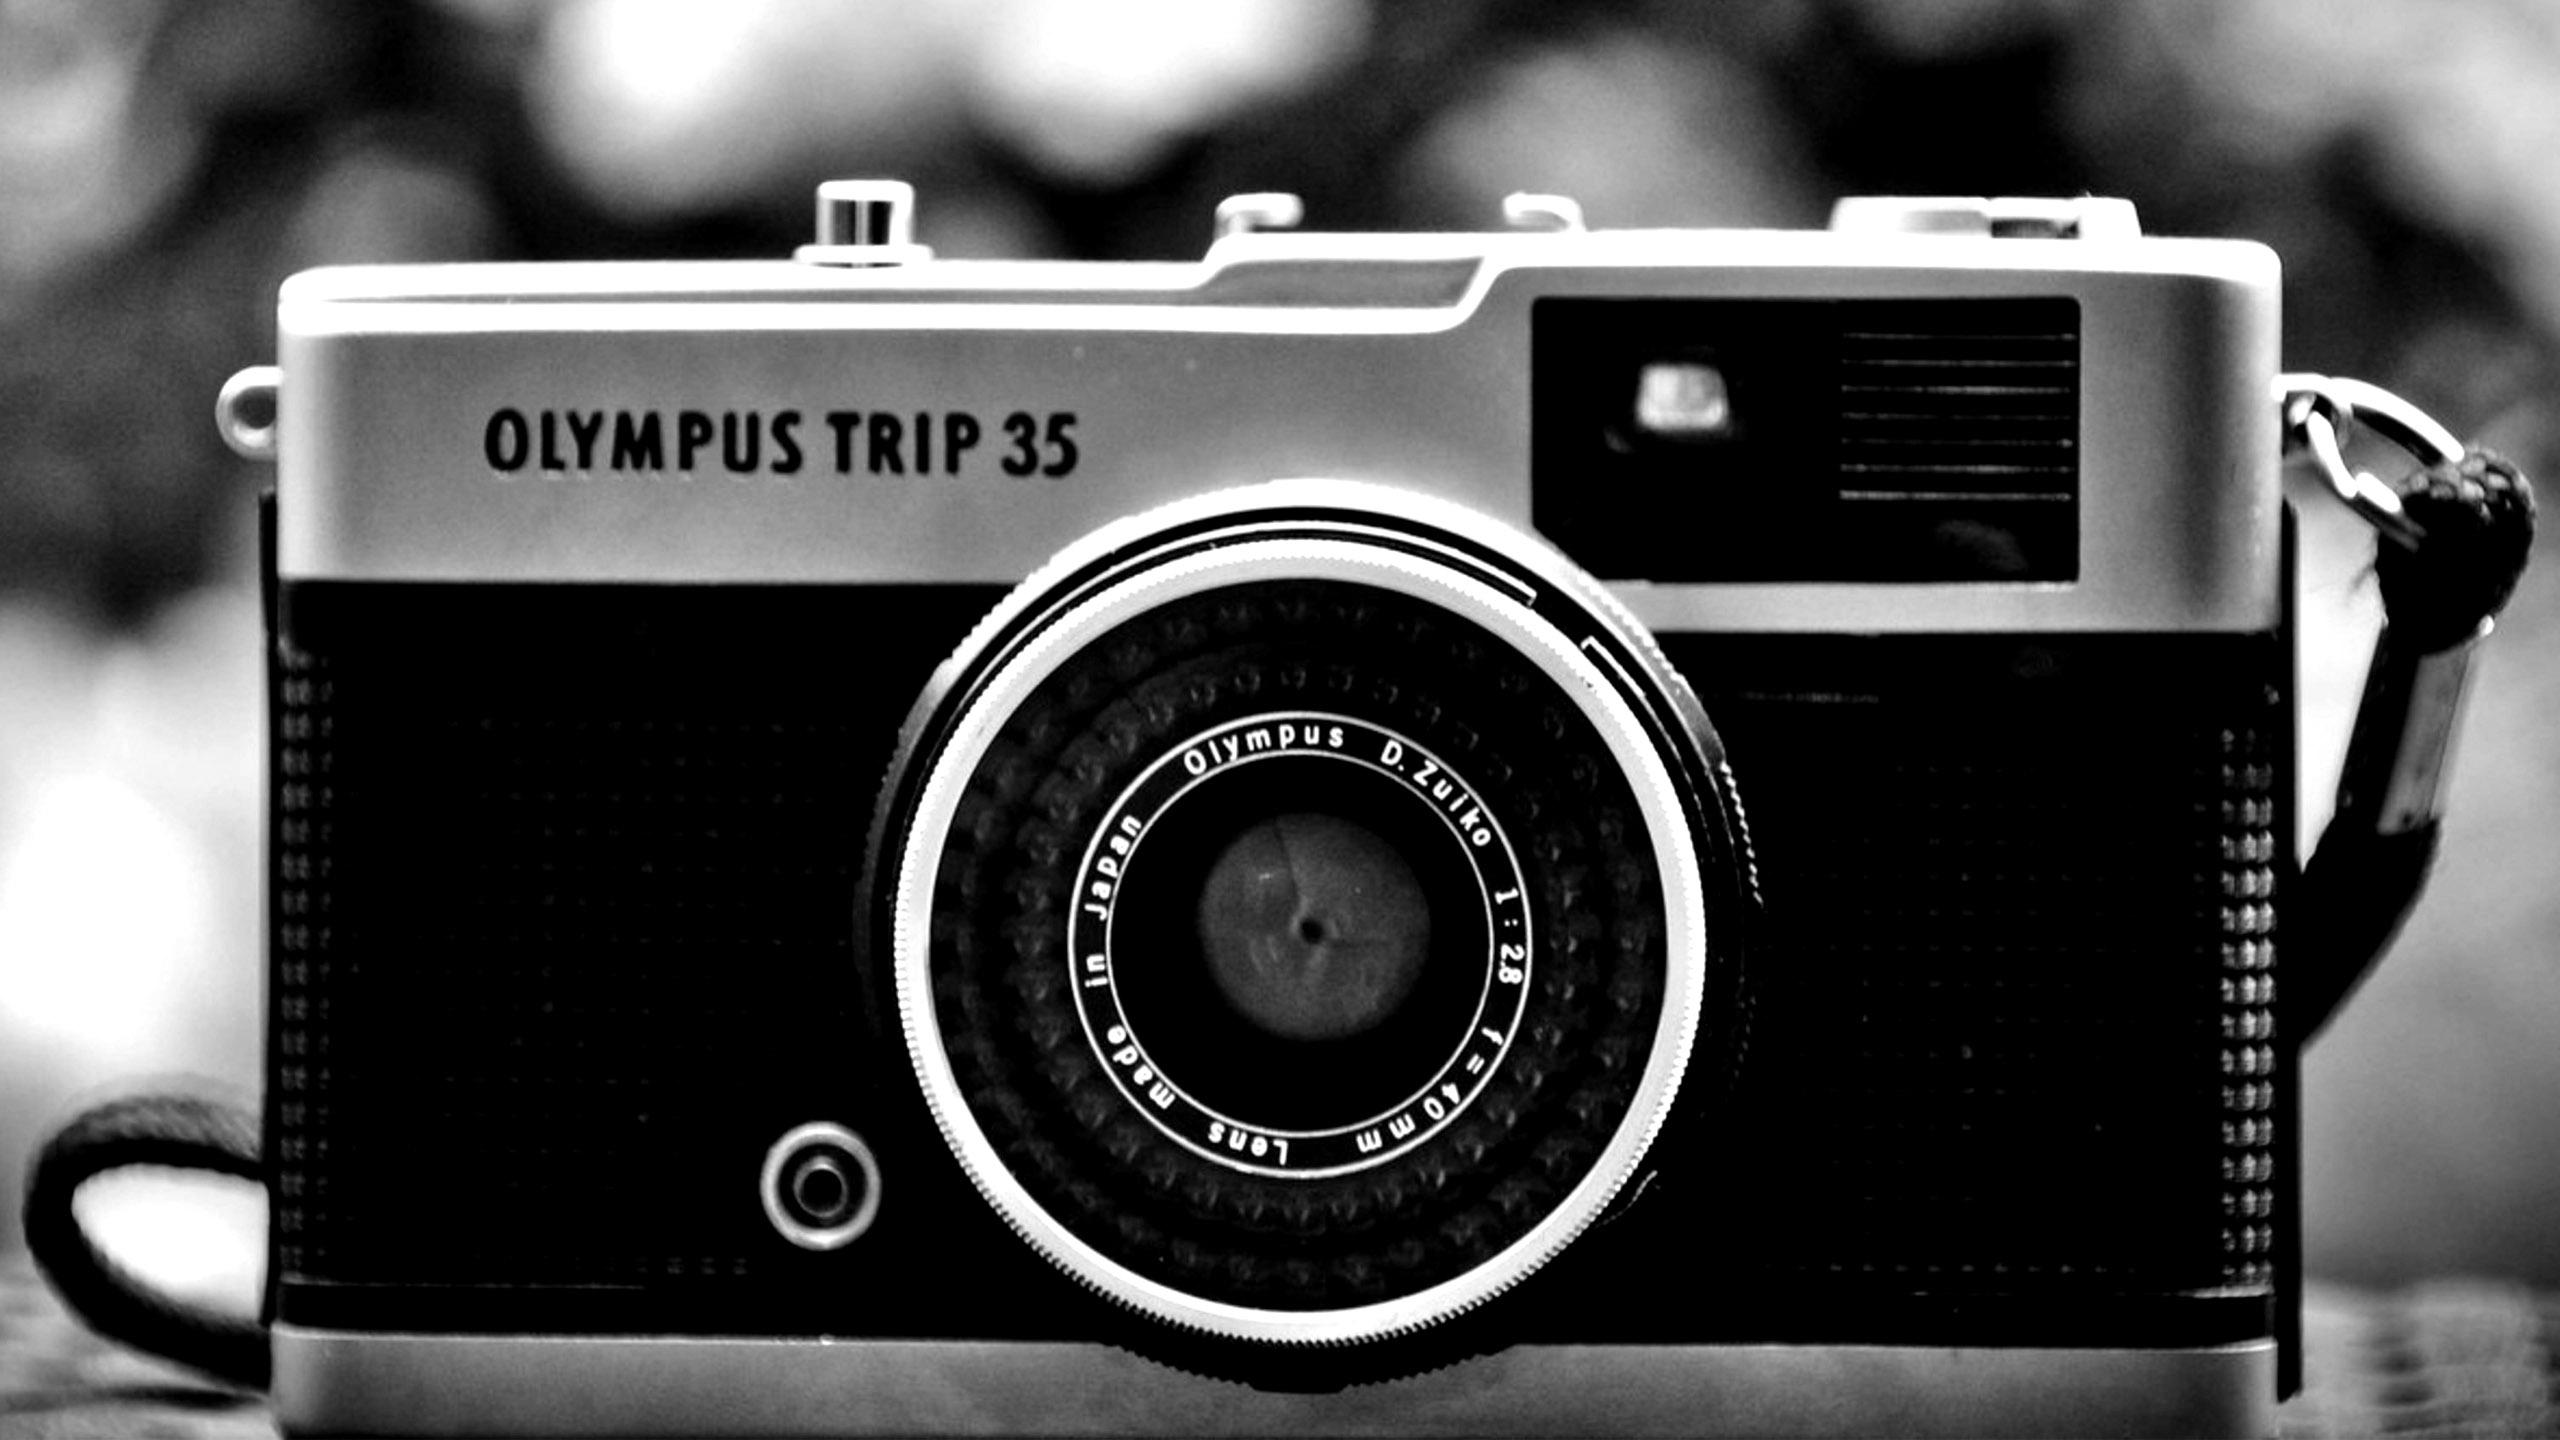 Olympus trip 35 - Camaras fotos antiguas ...